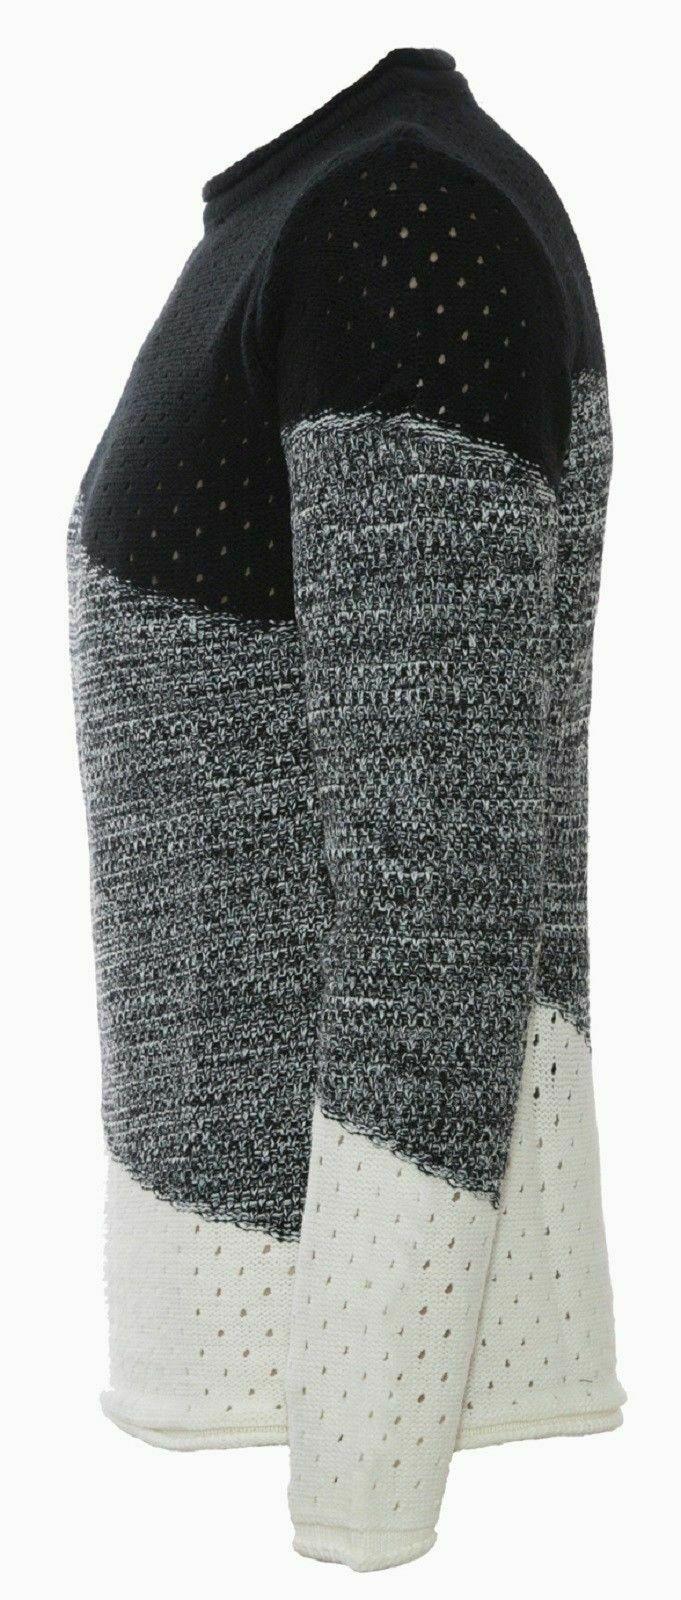 Maglione-uomo-Girocollo-Maglioncino-Invernale-Maglia-slim-fit-Pullover-Casual miniatura 12